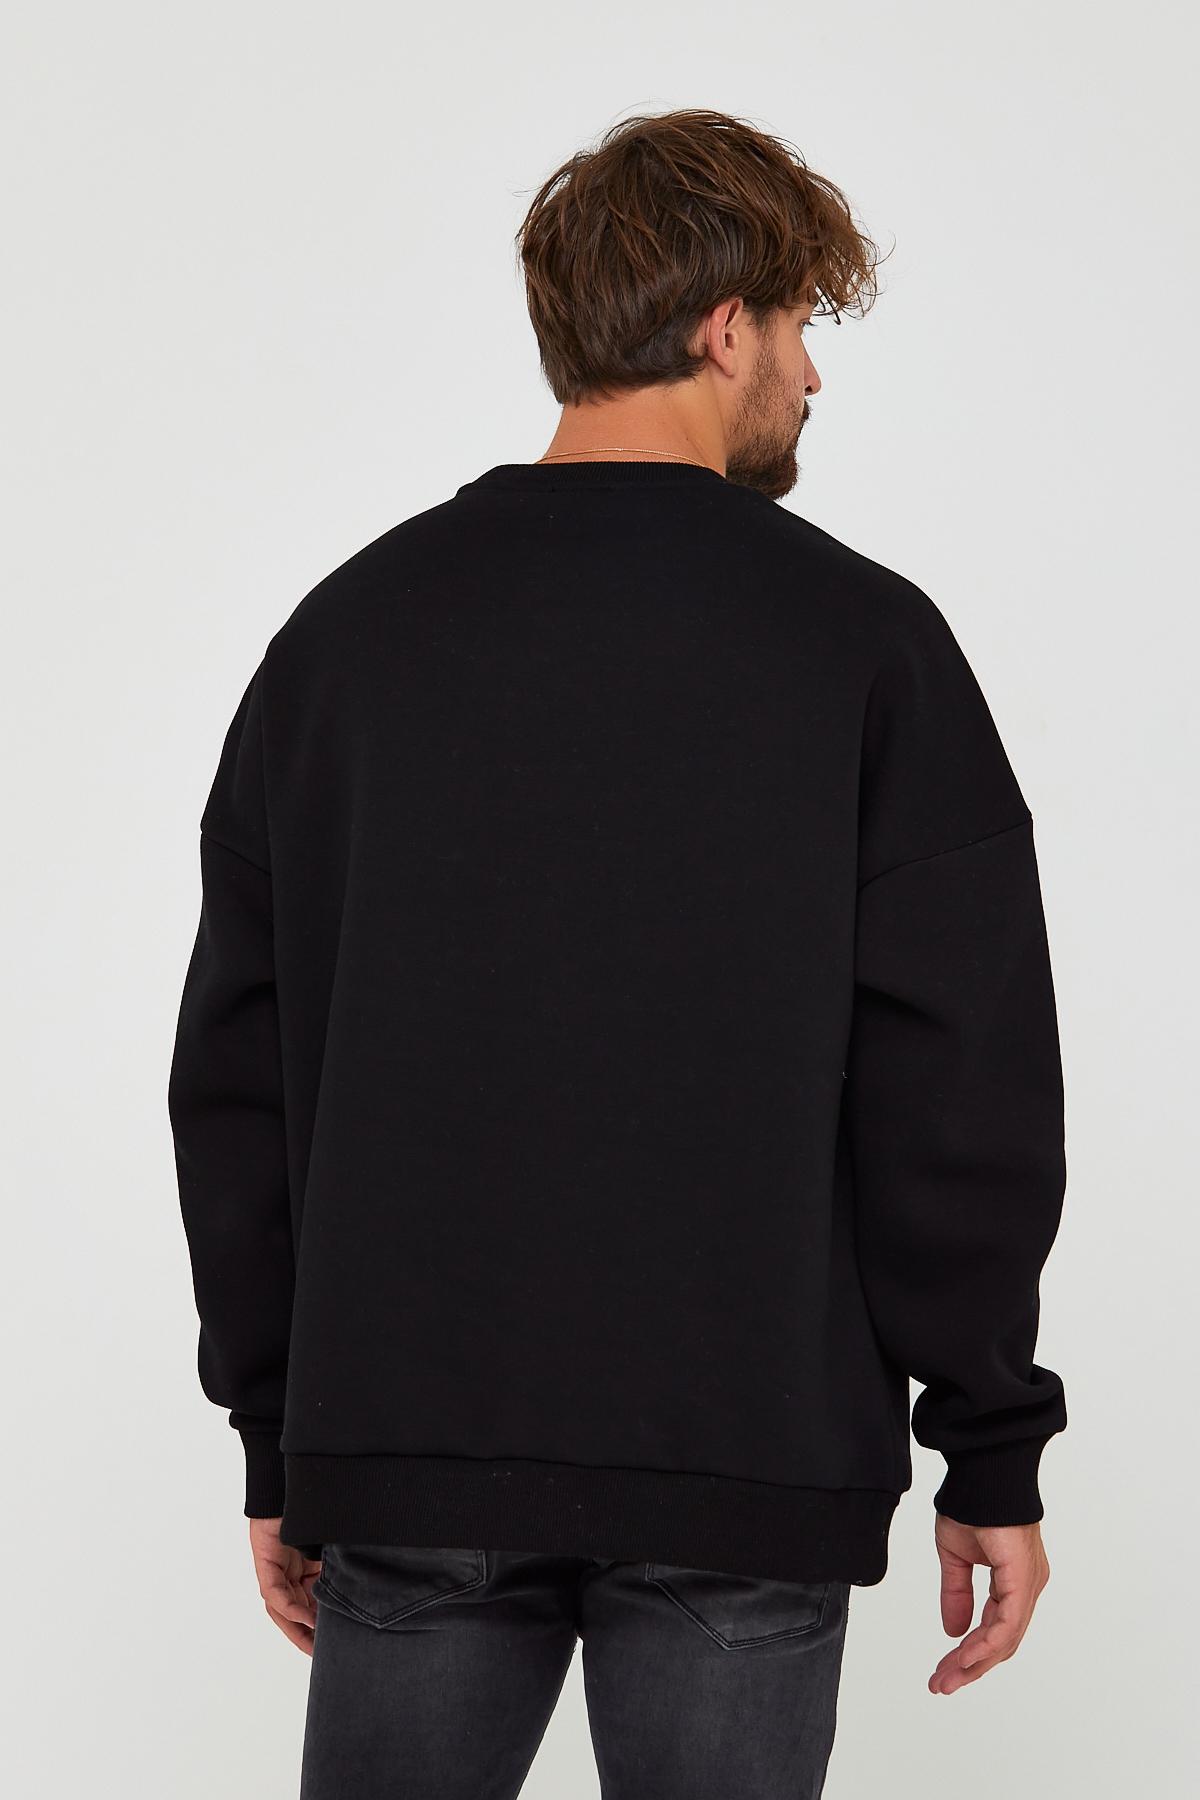 Siyah Üç İplik Baskılı Sweatshirt 2KXE8-45500-02